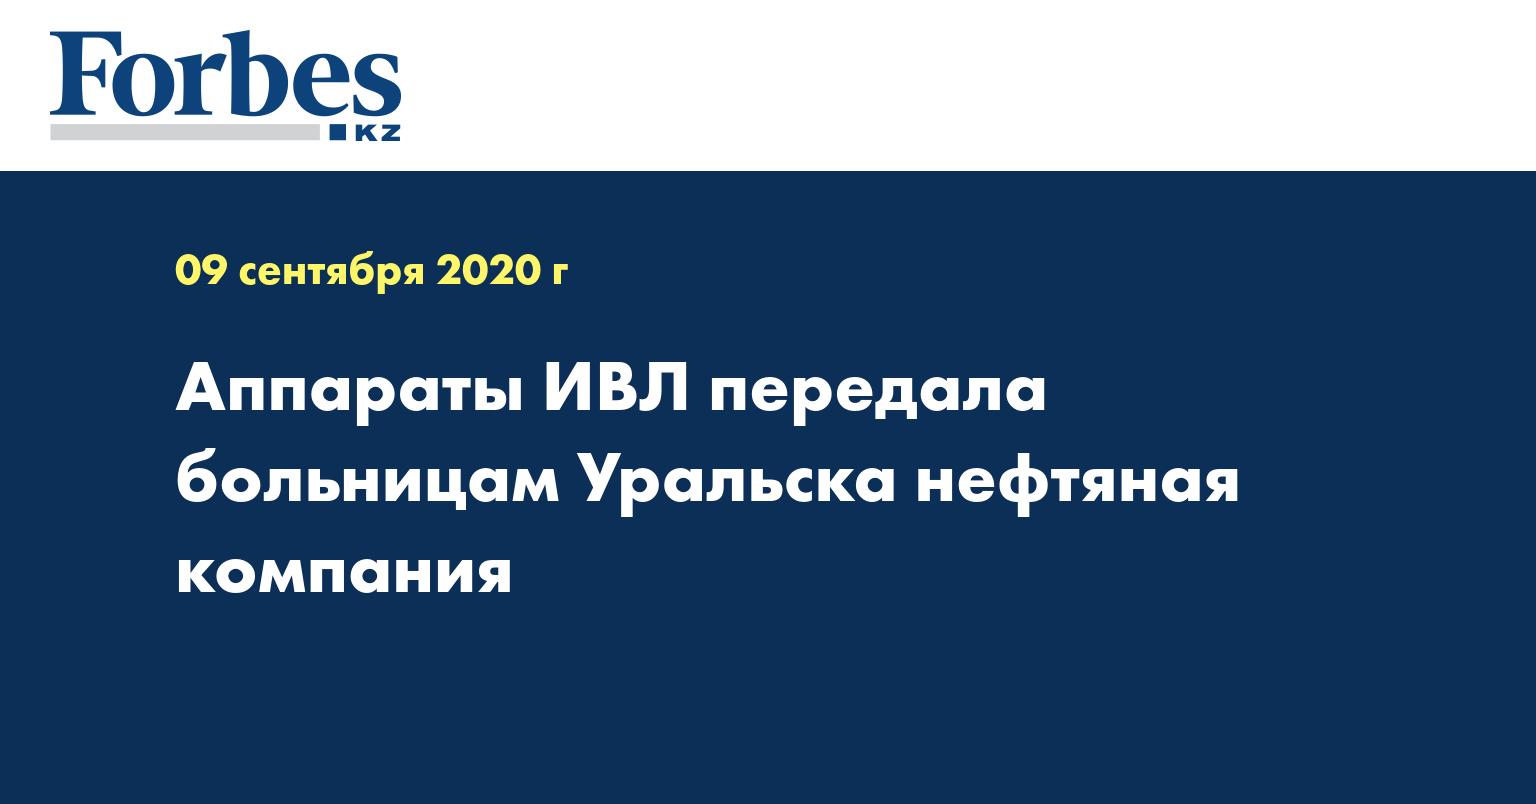 Аппараты ИВЛ передала больницам Уральска нефтяная компания